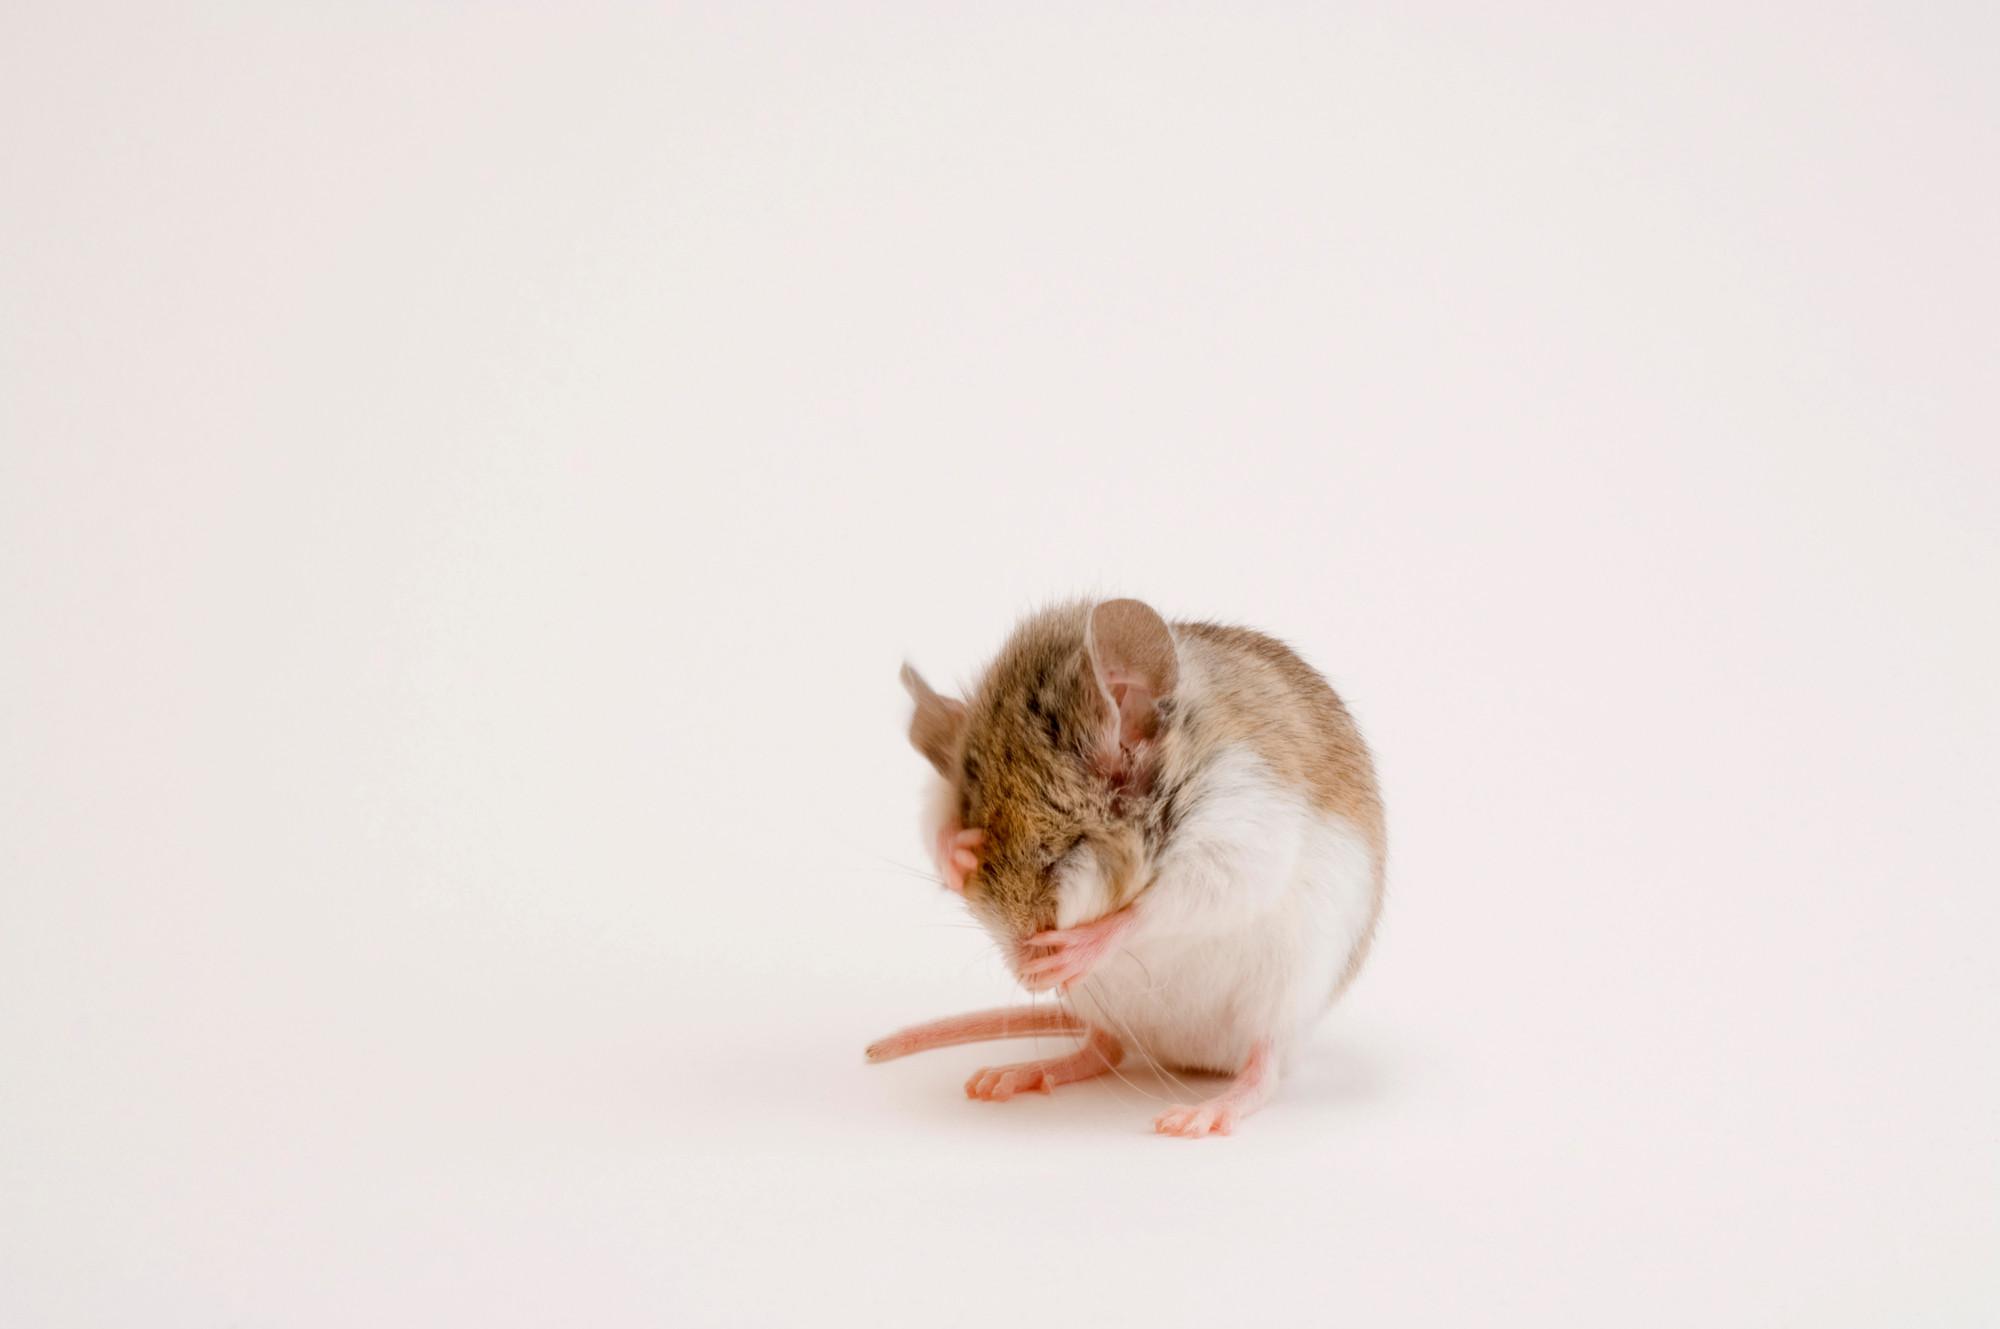 никогда фото грустной мышки воспользуйтесь